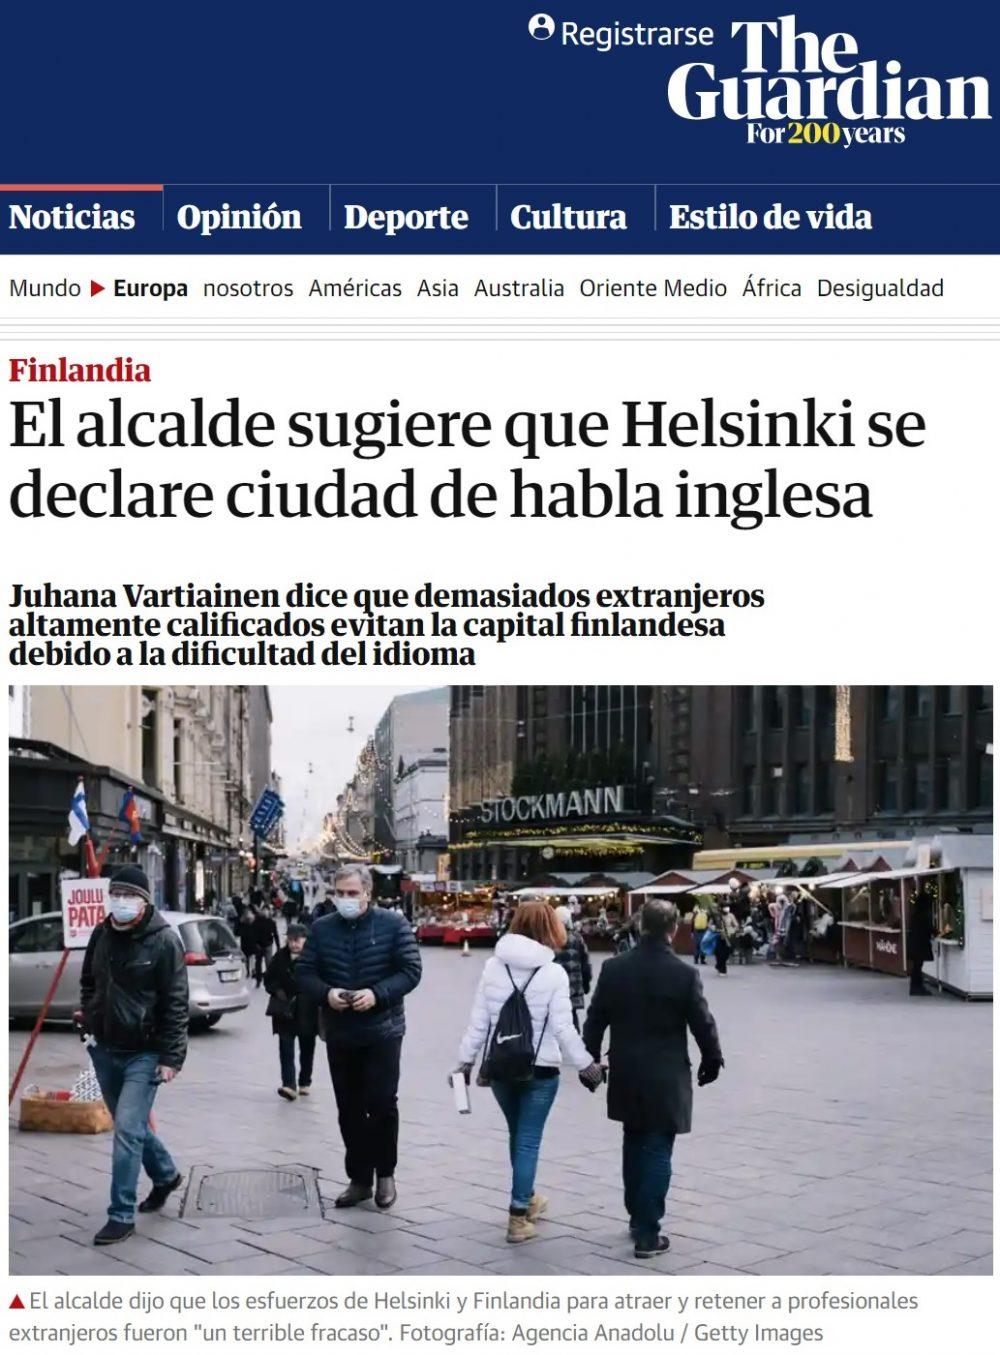 ¿Os imagináis esto en País Vasco o Cataluña?